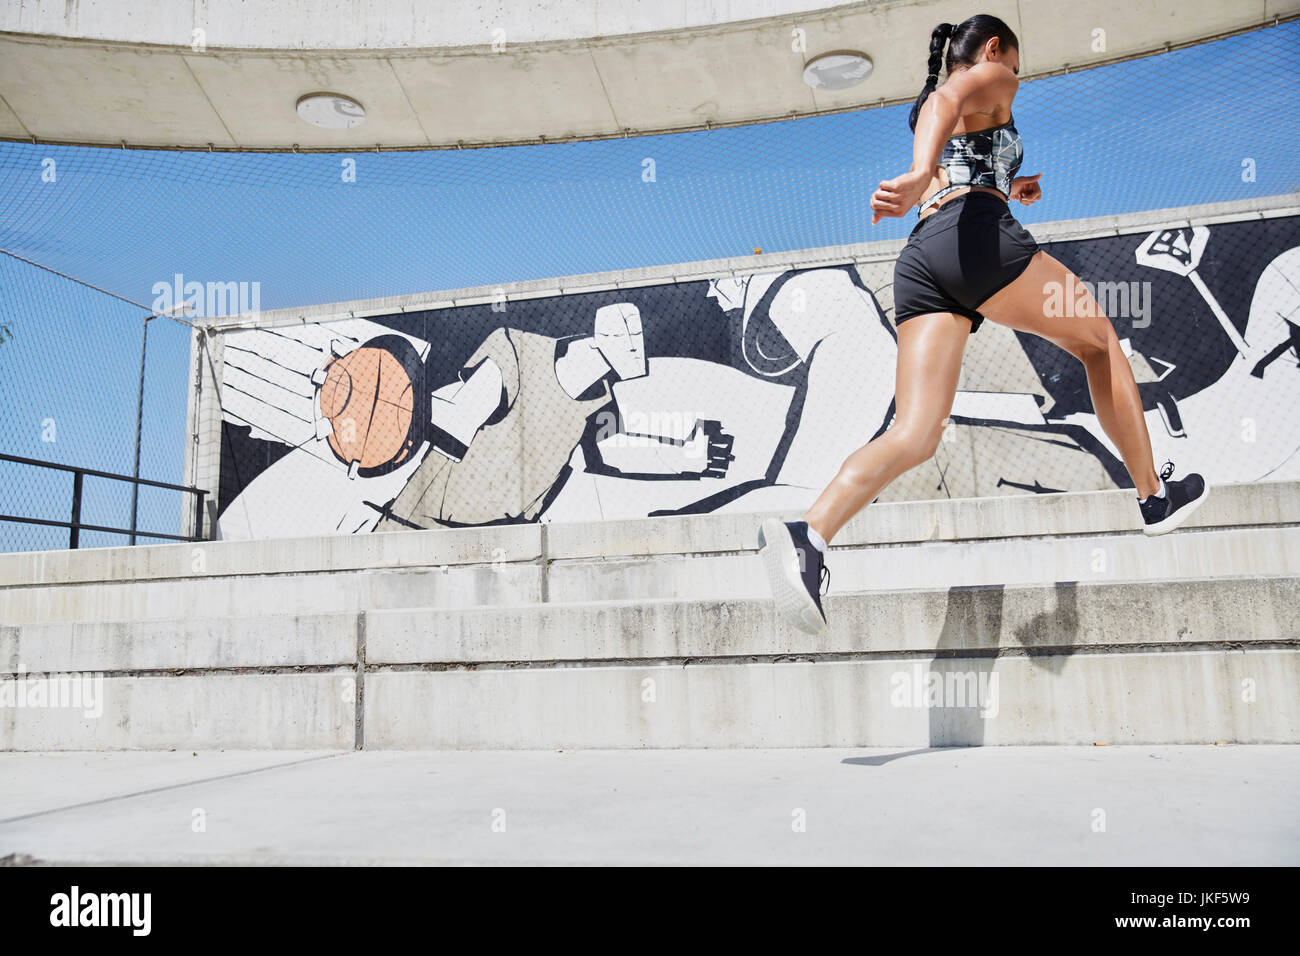 Colocar mujer corriendo en exteriores Imagen De Stock